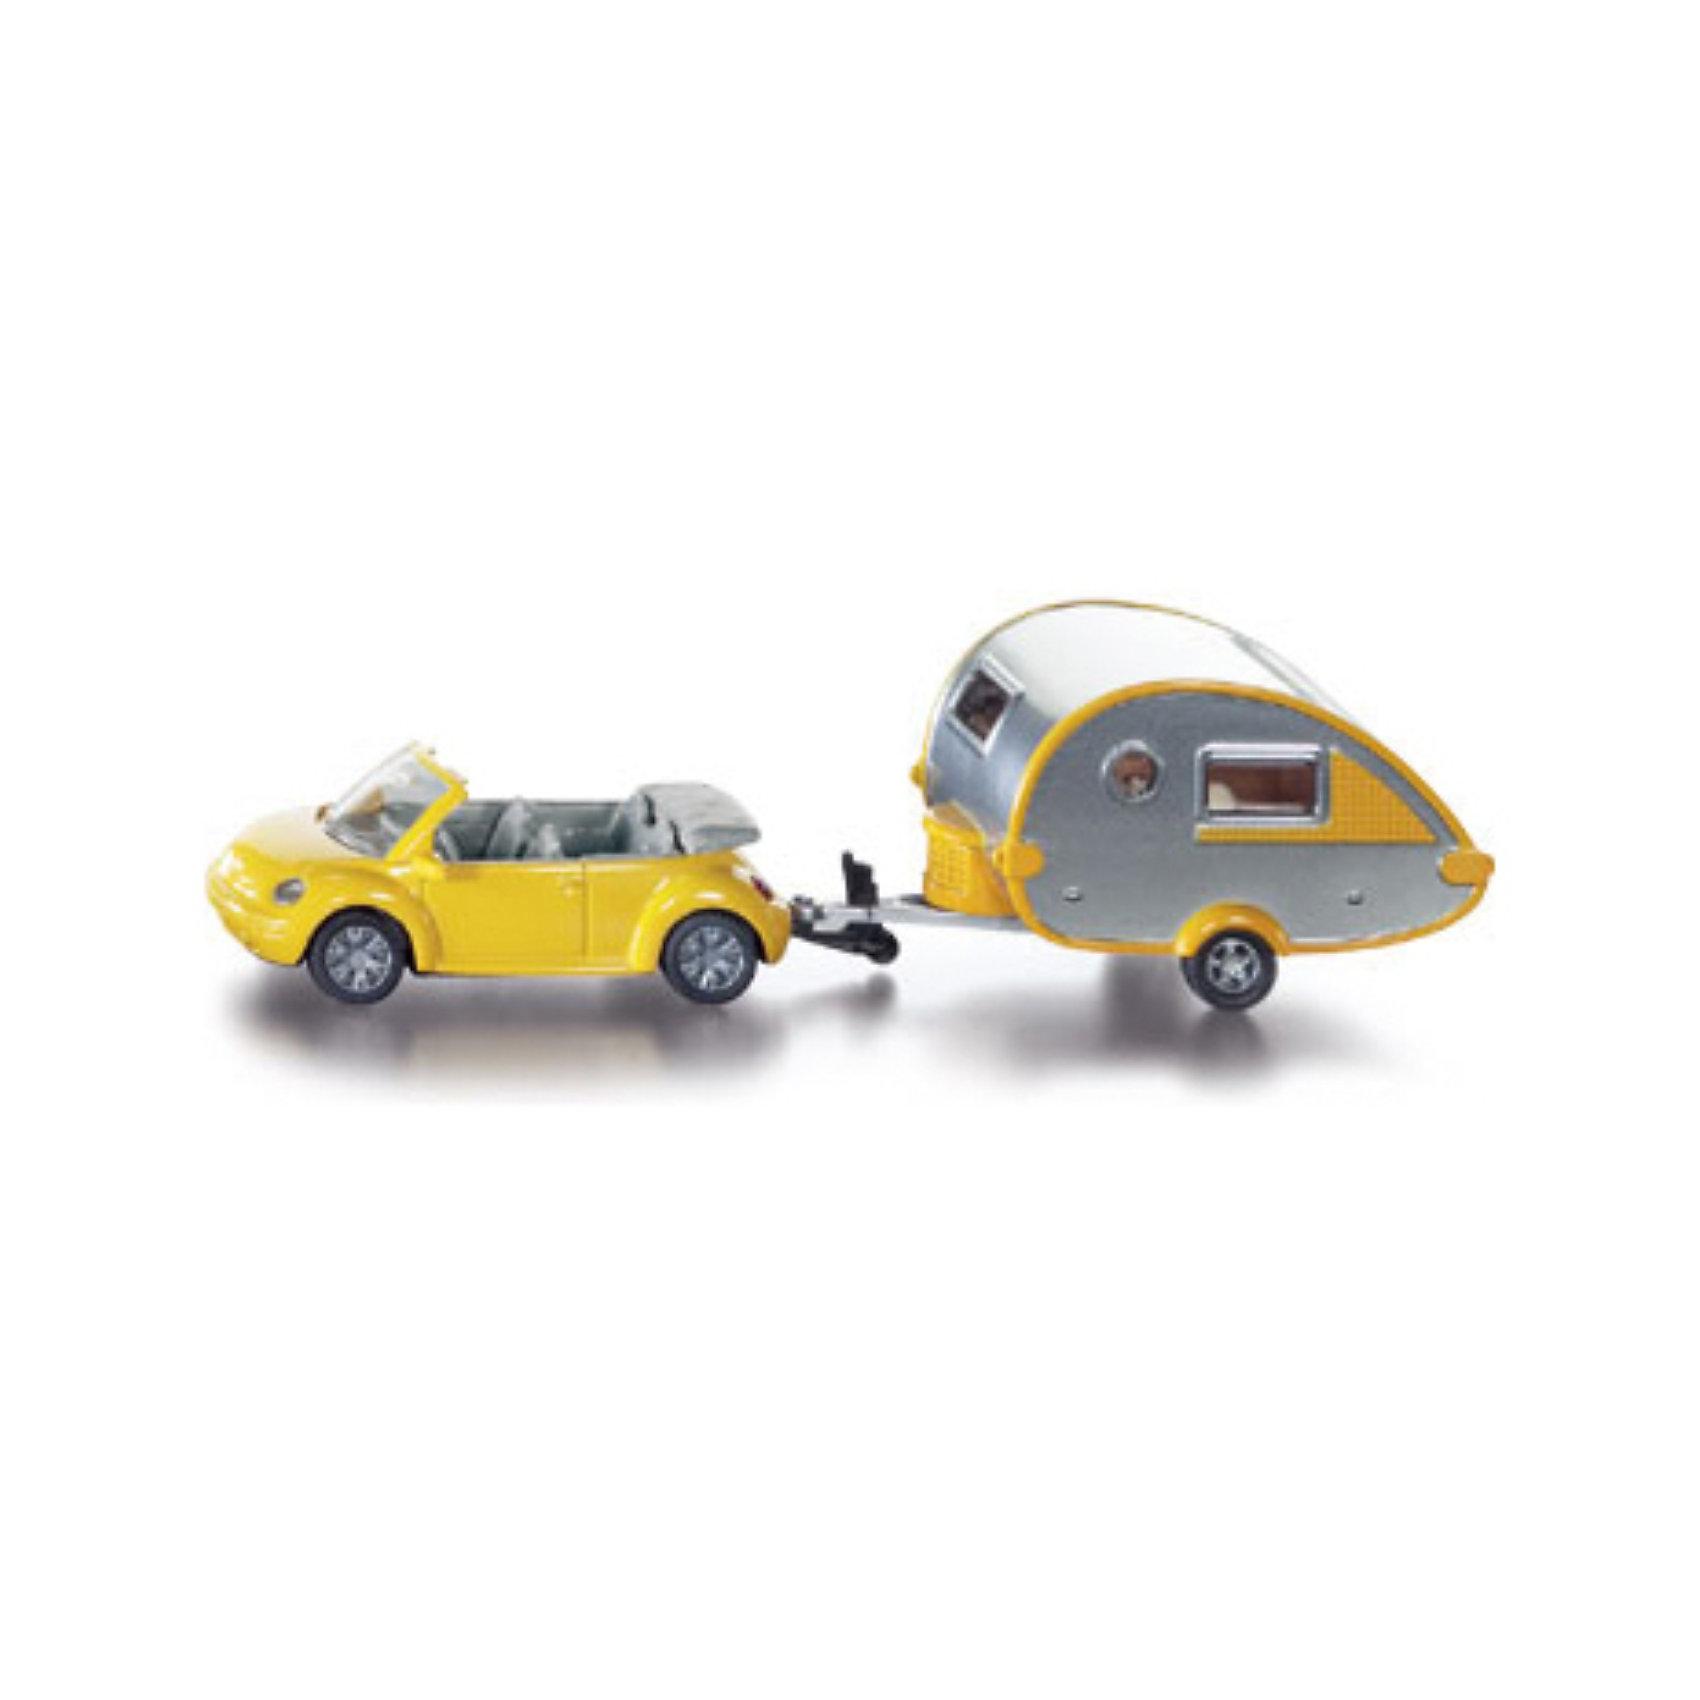 SIKU SIKU 1629 Автомобиль с жилым прицепом машинки siku автомобиль и прицеп с лодкой на воздушной подушке